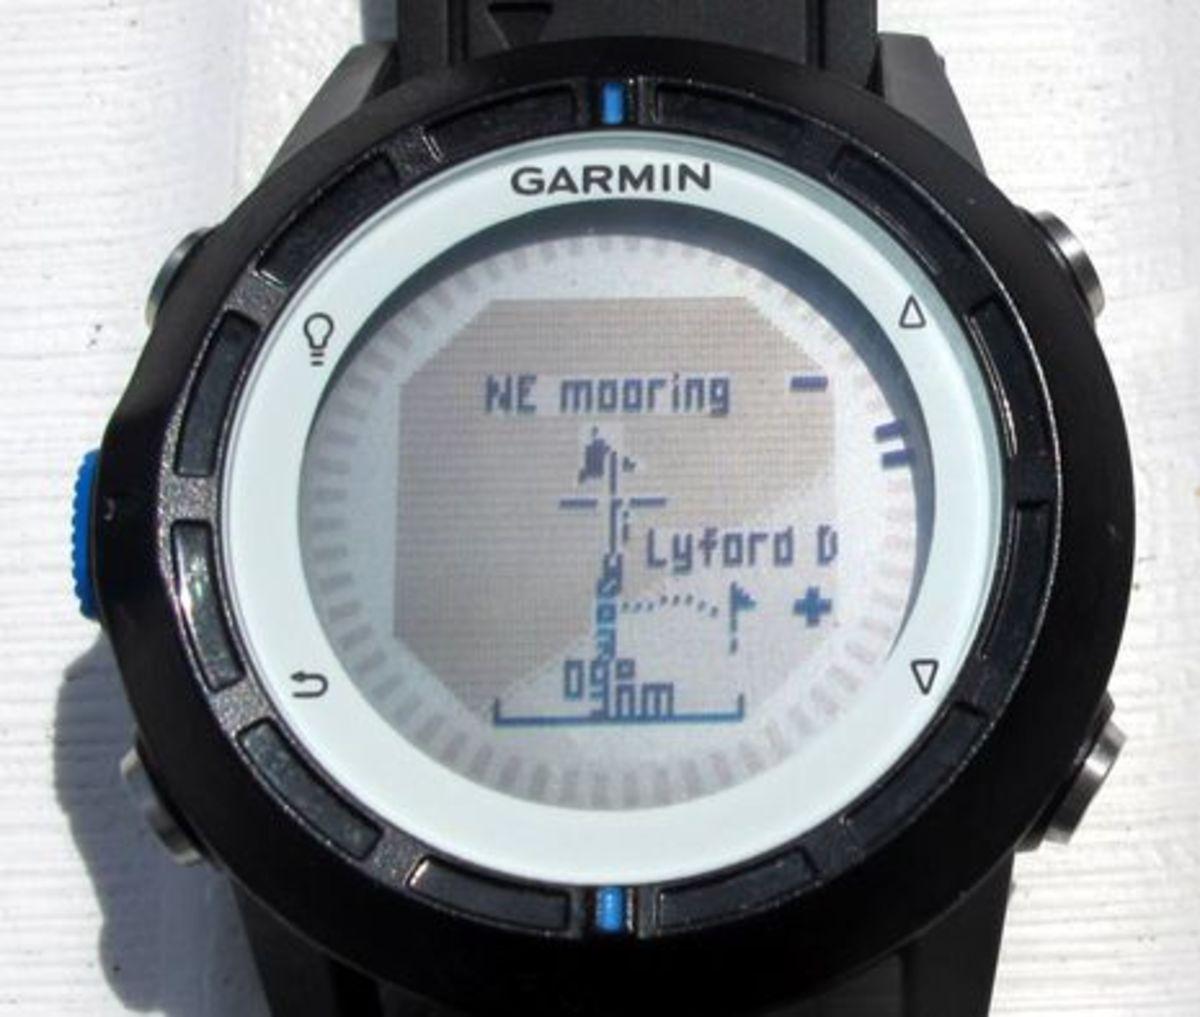 Garmin_quatix_chart_track_route_points_cPanbo.jpg